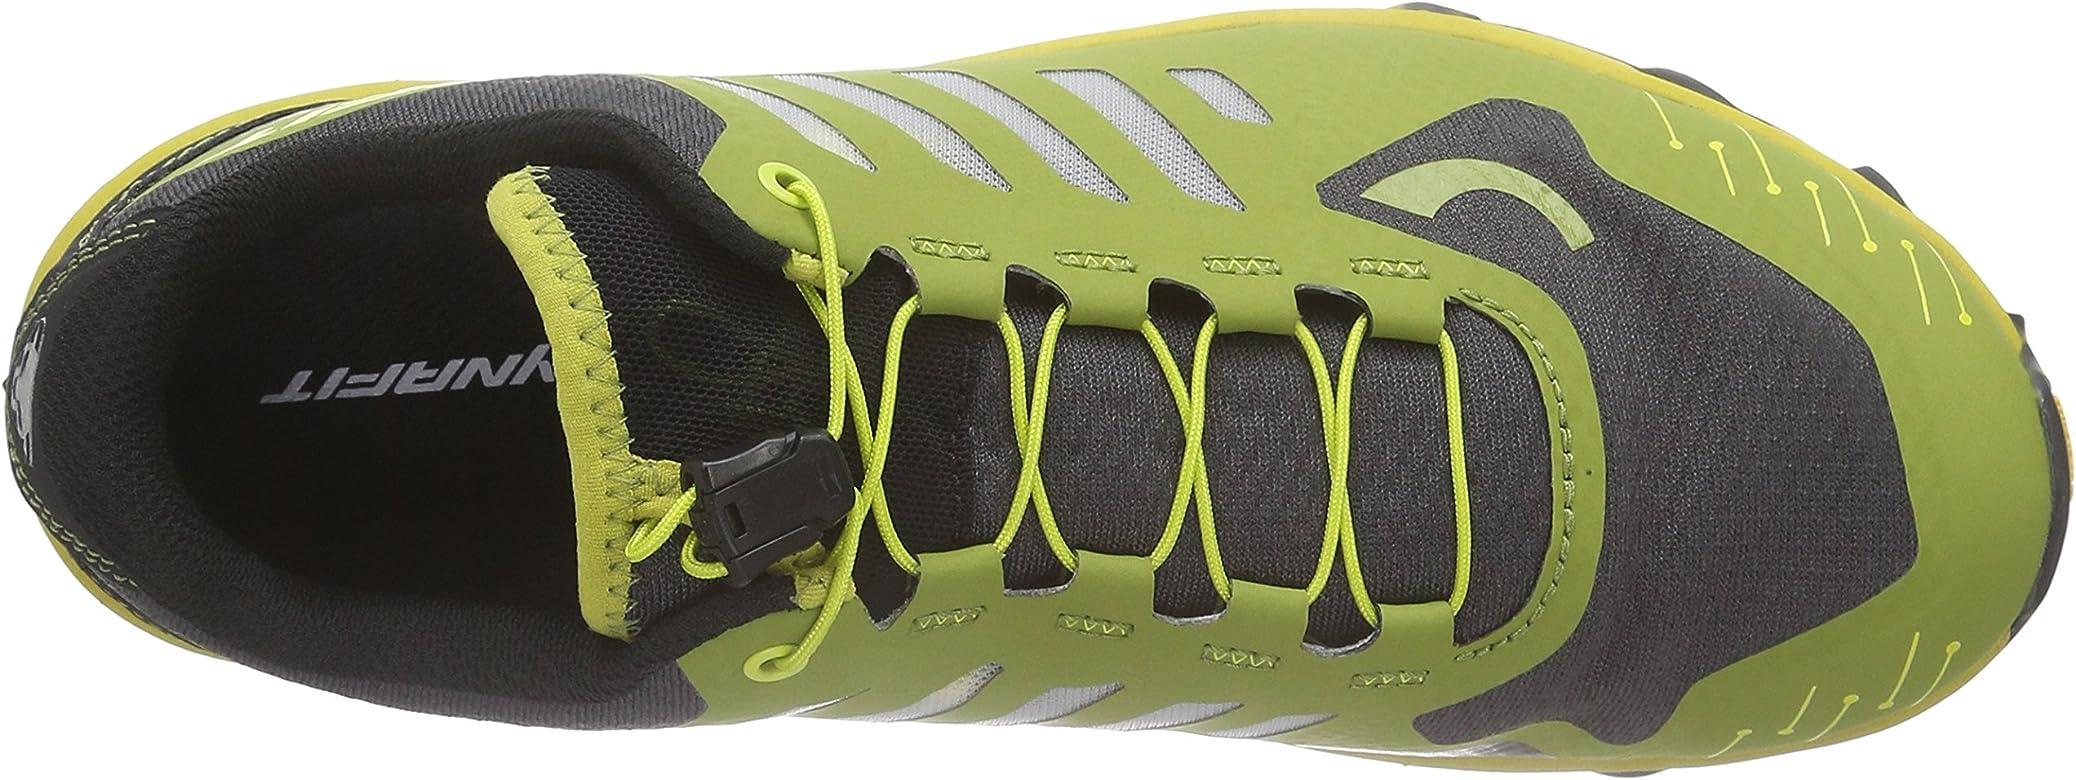 Dynafit MS FELINE VERTICAL - Zapatillas de running Hombre, color verde, talla 42.5 EU: Amazon.es: Zapatos y complementos